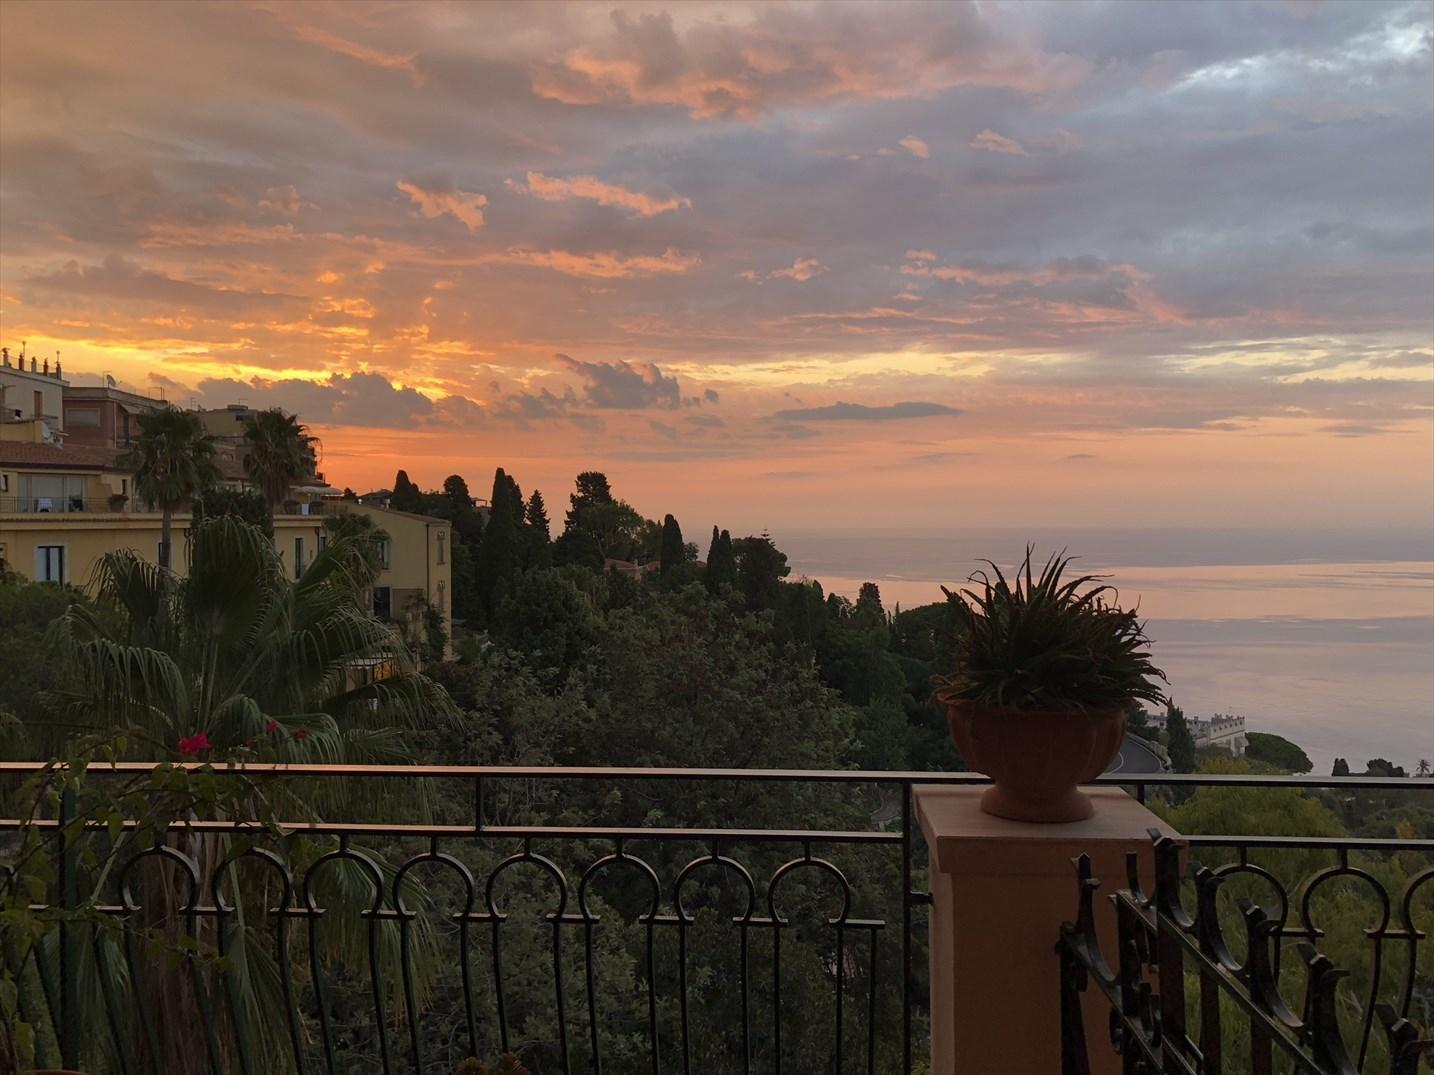 シチリア/41 タオルミーナのホテル Villa Diodoro_a0092659_18105885.jpg